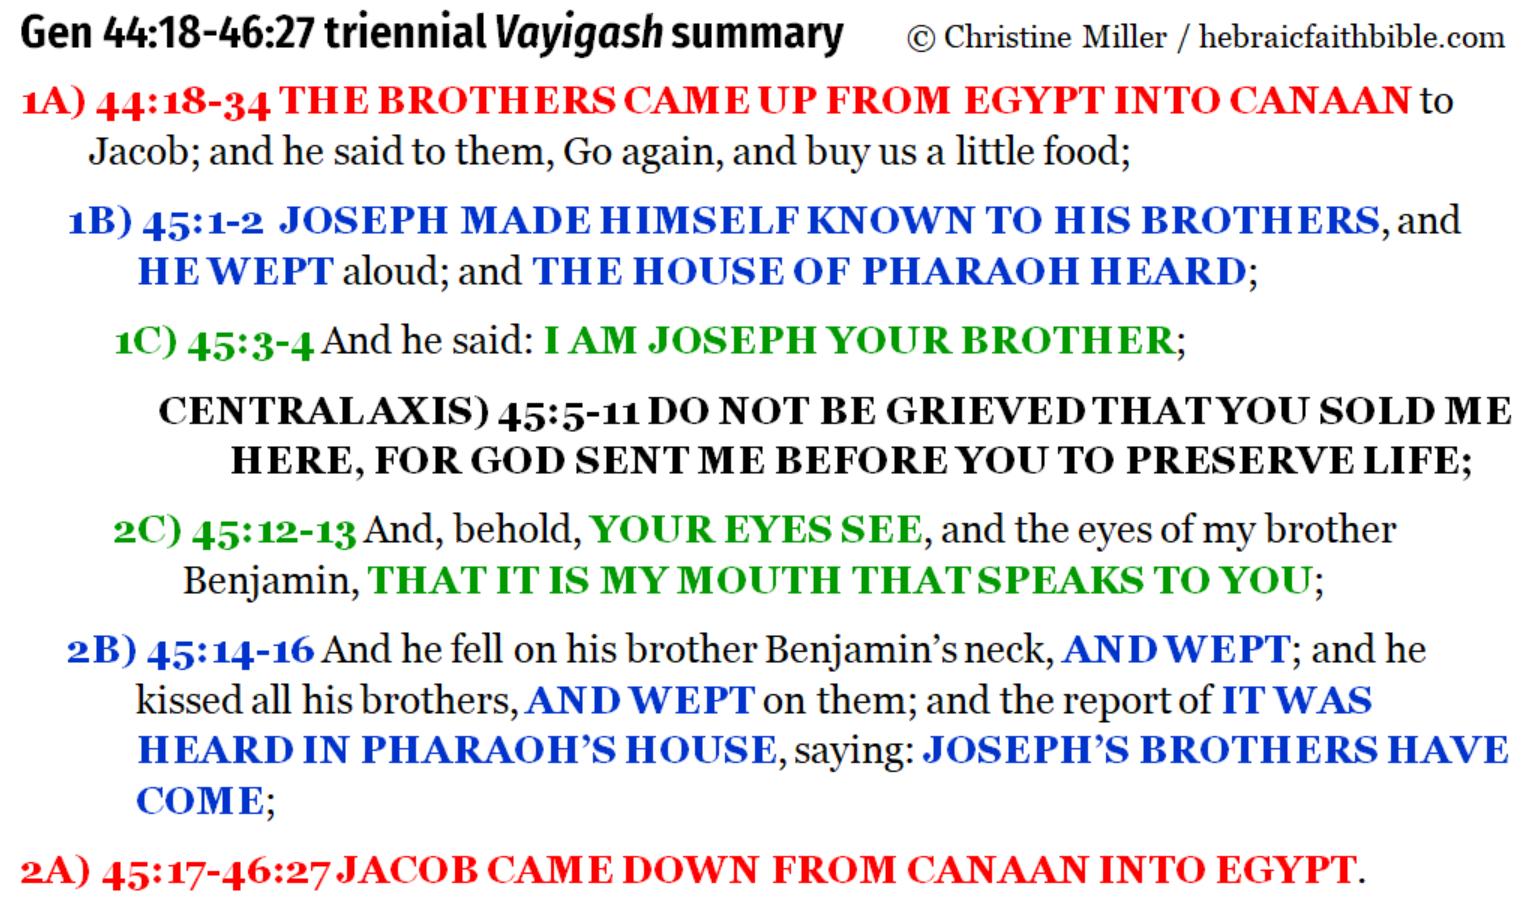 Gen 44:18-46:27 triennial vayigash chiasm | hebraicfaithbible.com